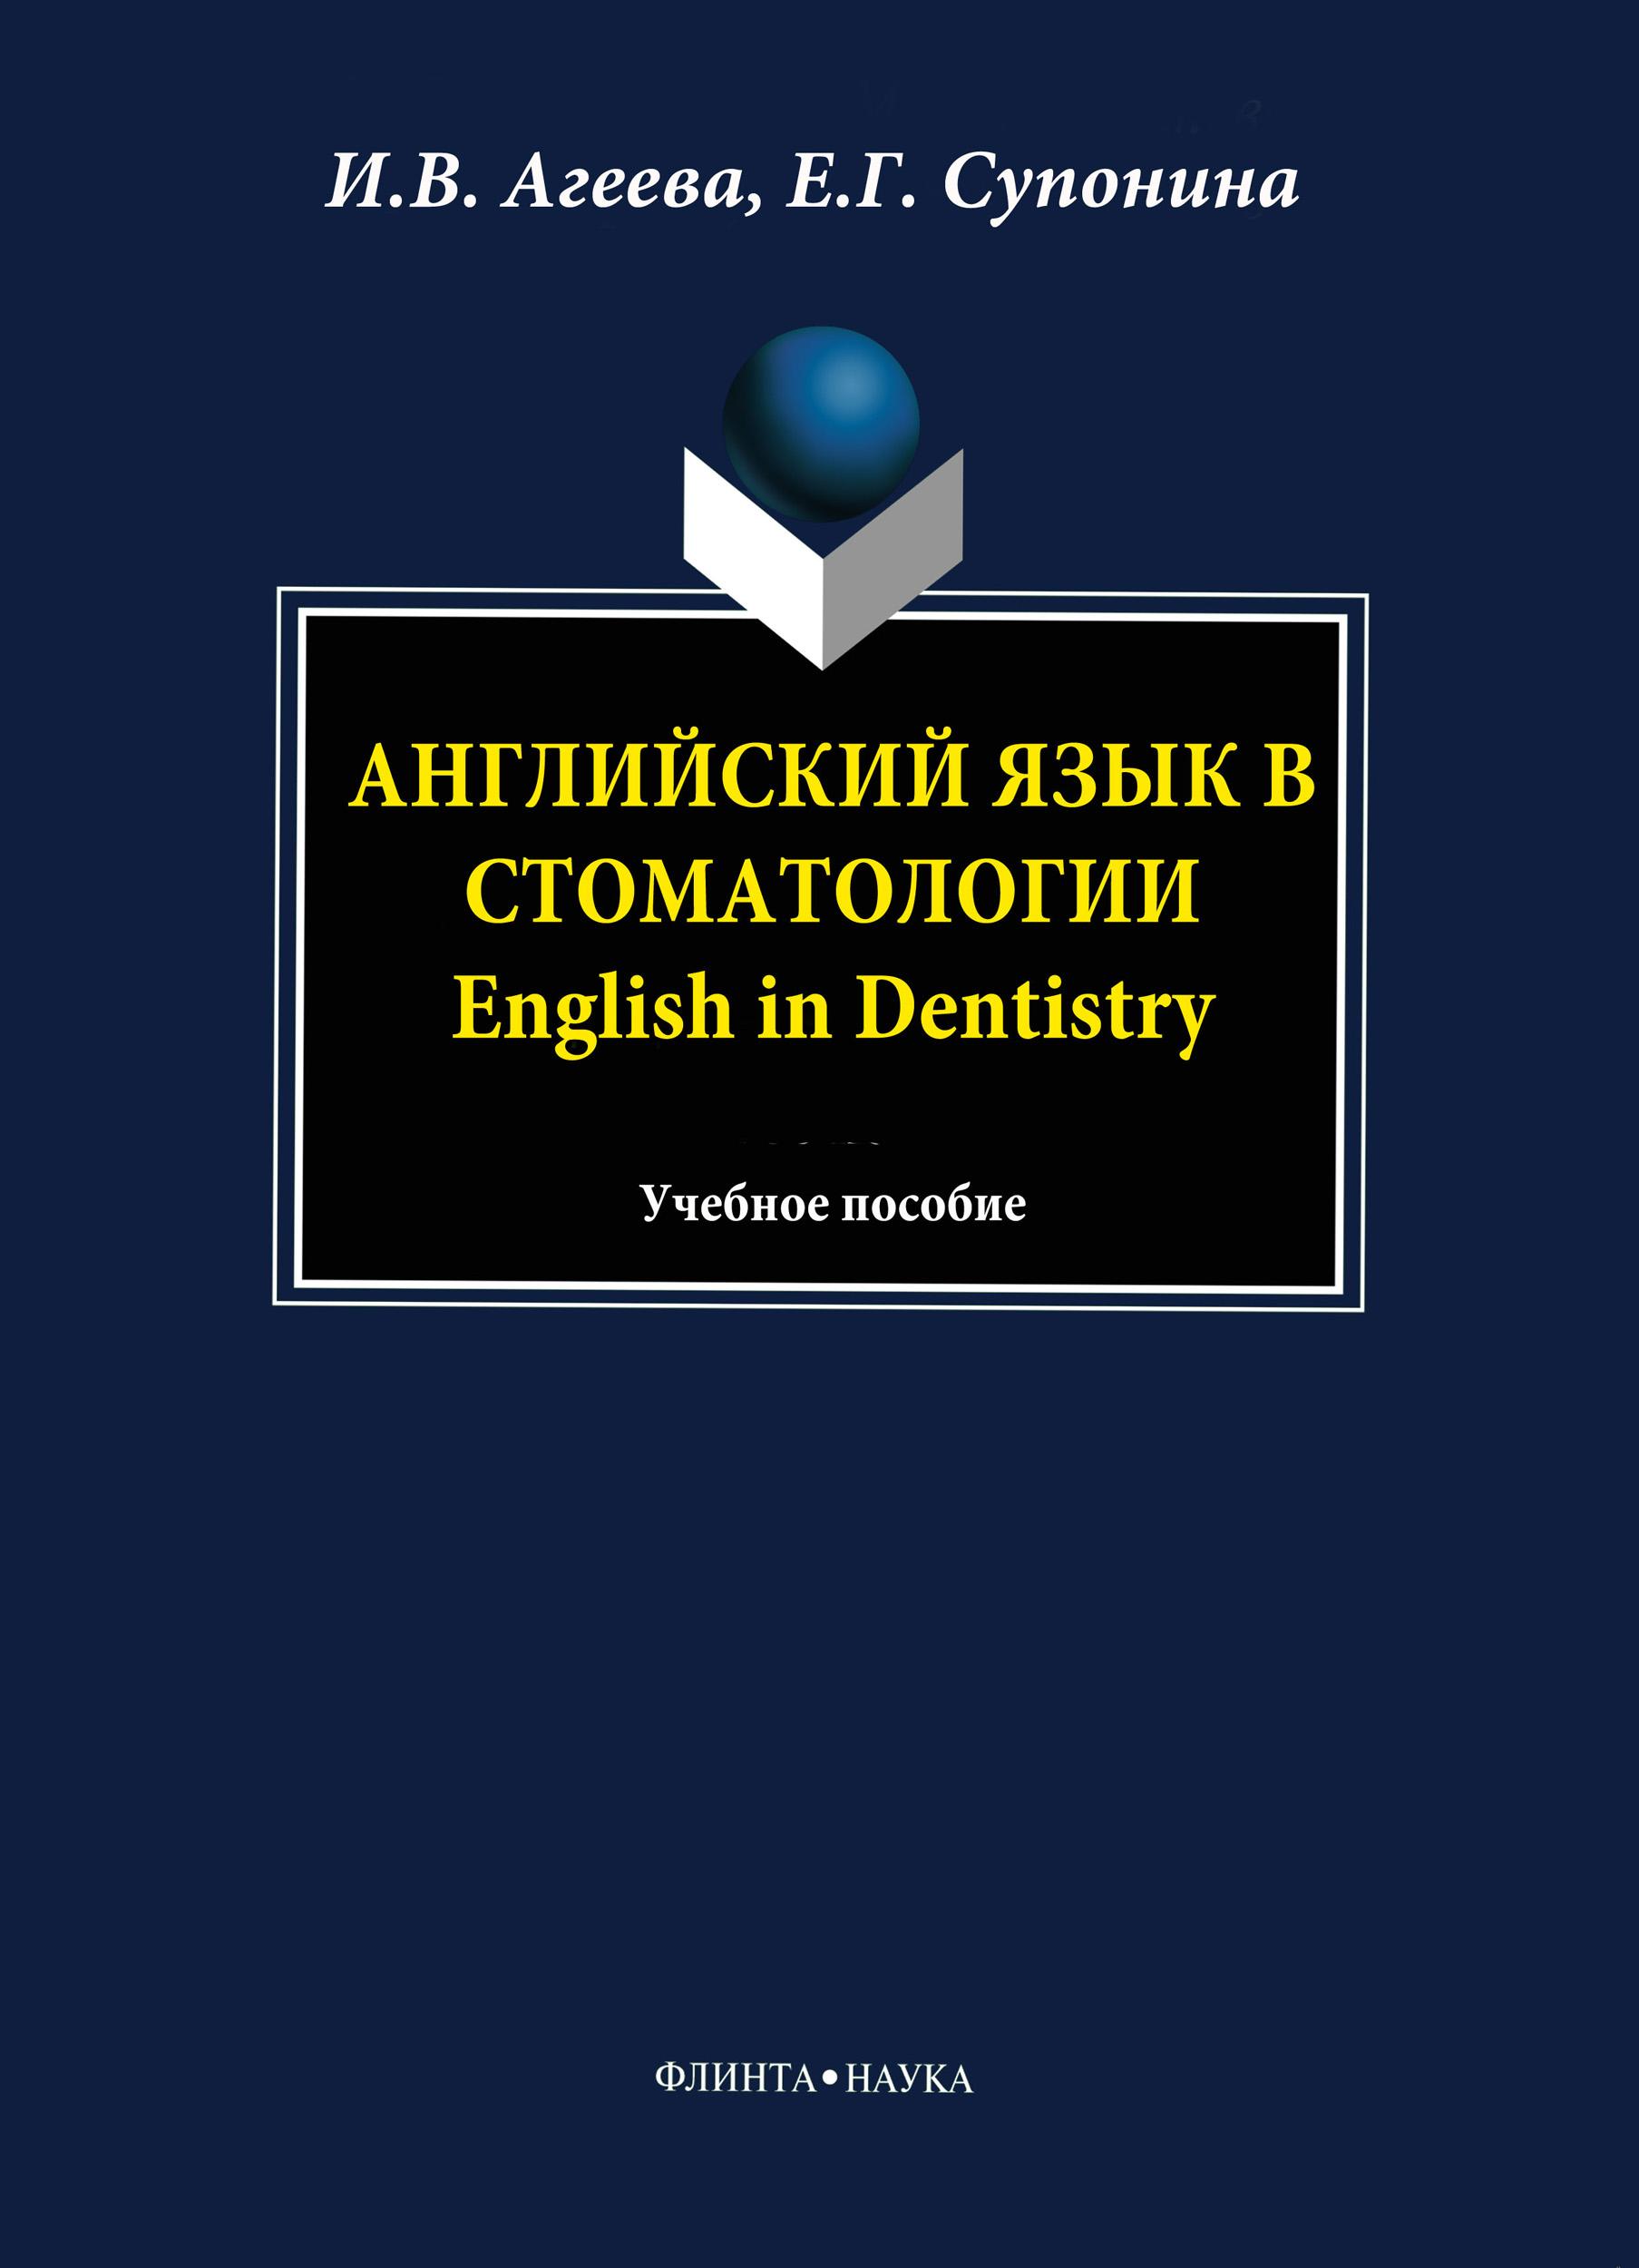 И. В. Агеева Английский язык в стоматологии. English in Dentistry: учебное пособие ultrasonography in dentistry